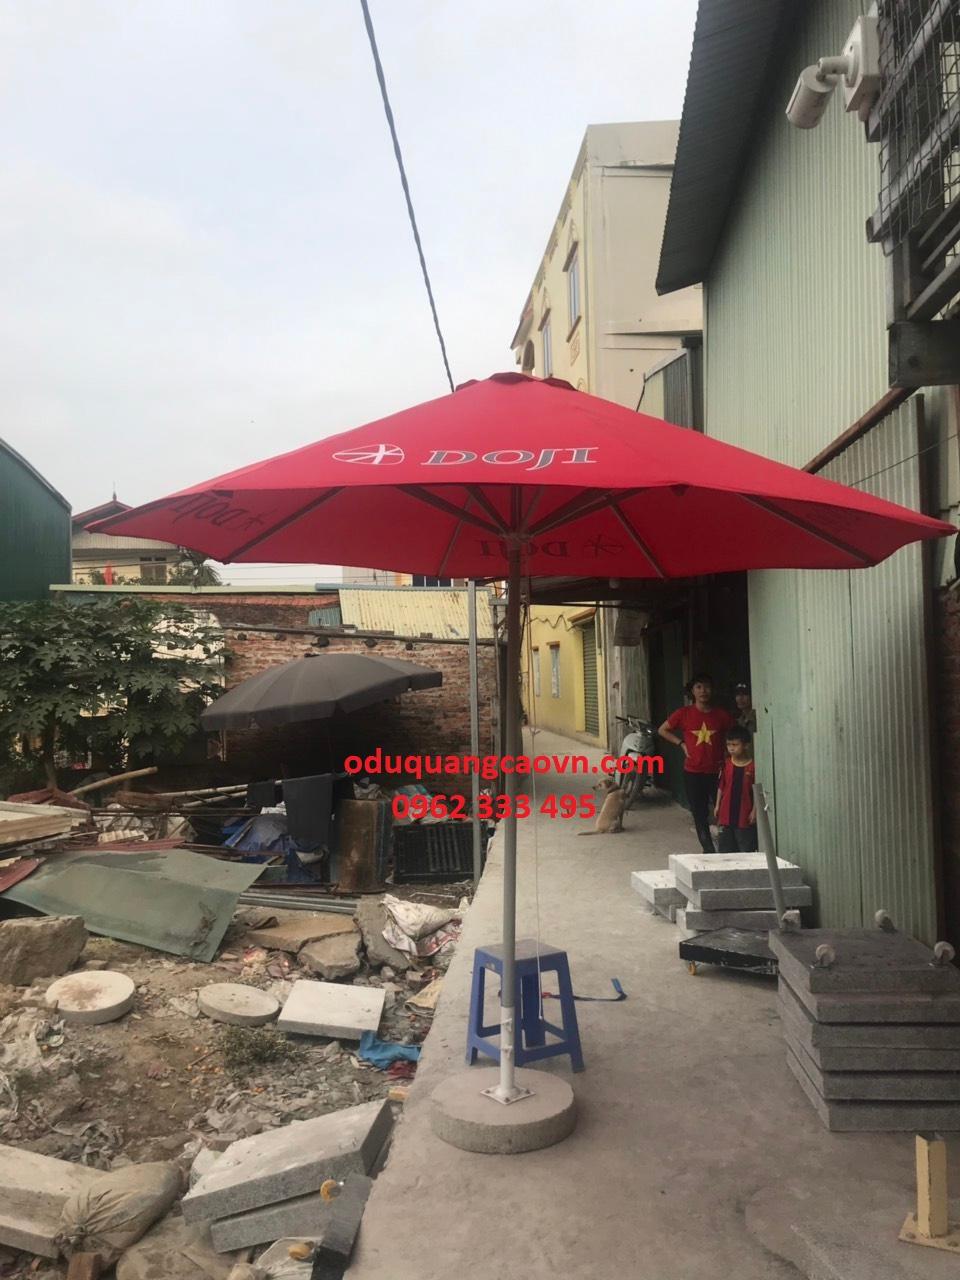 ô dù chính tâm cho các cửa hàng